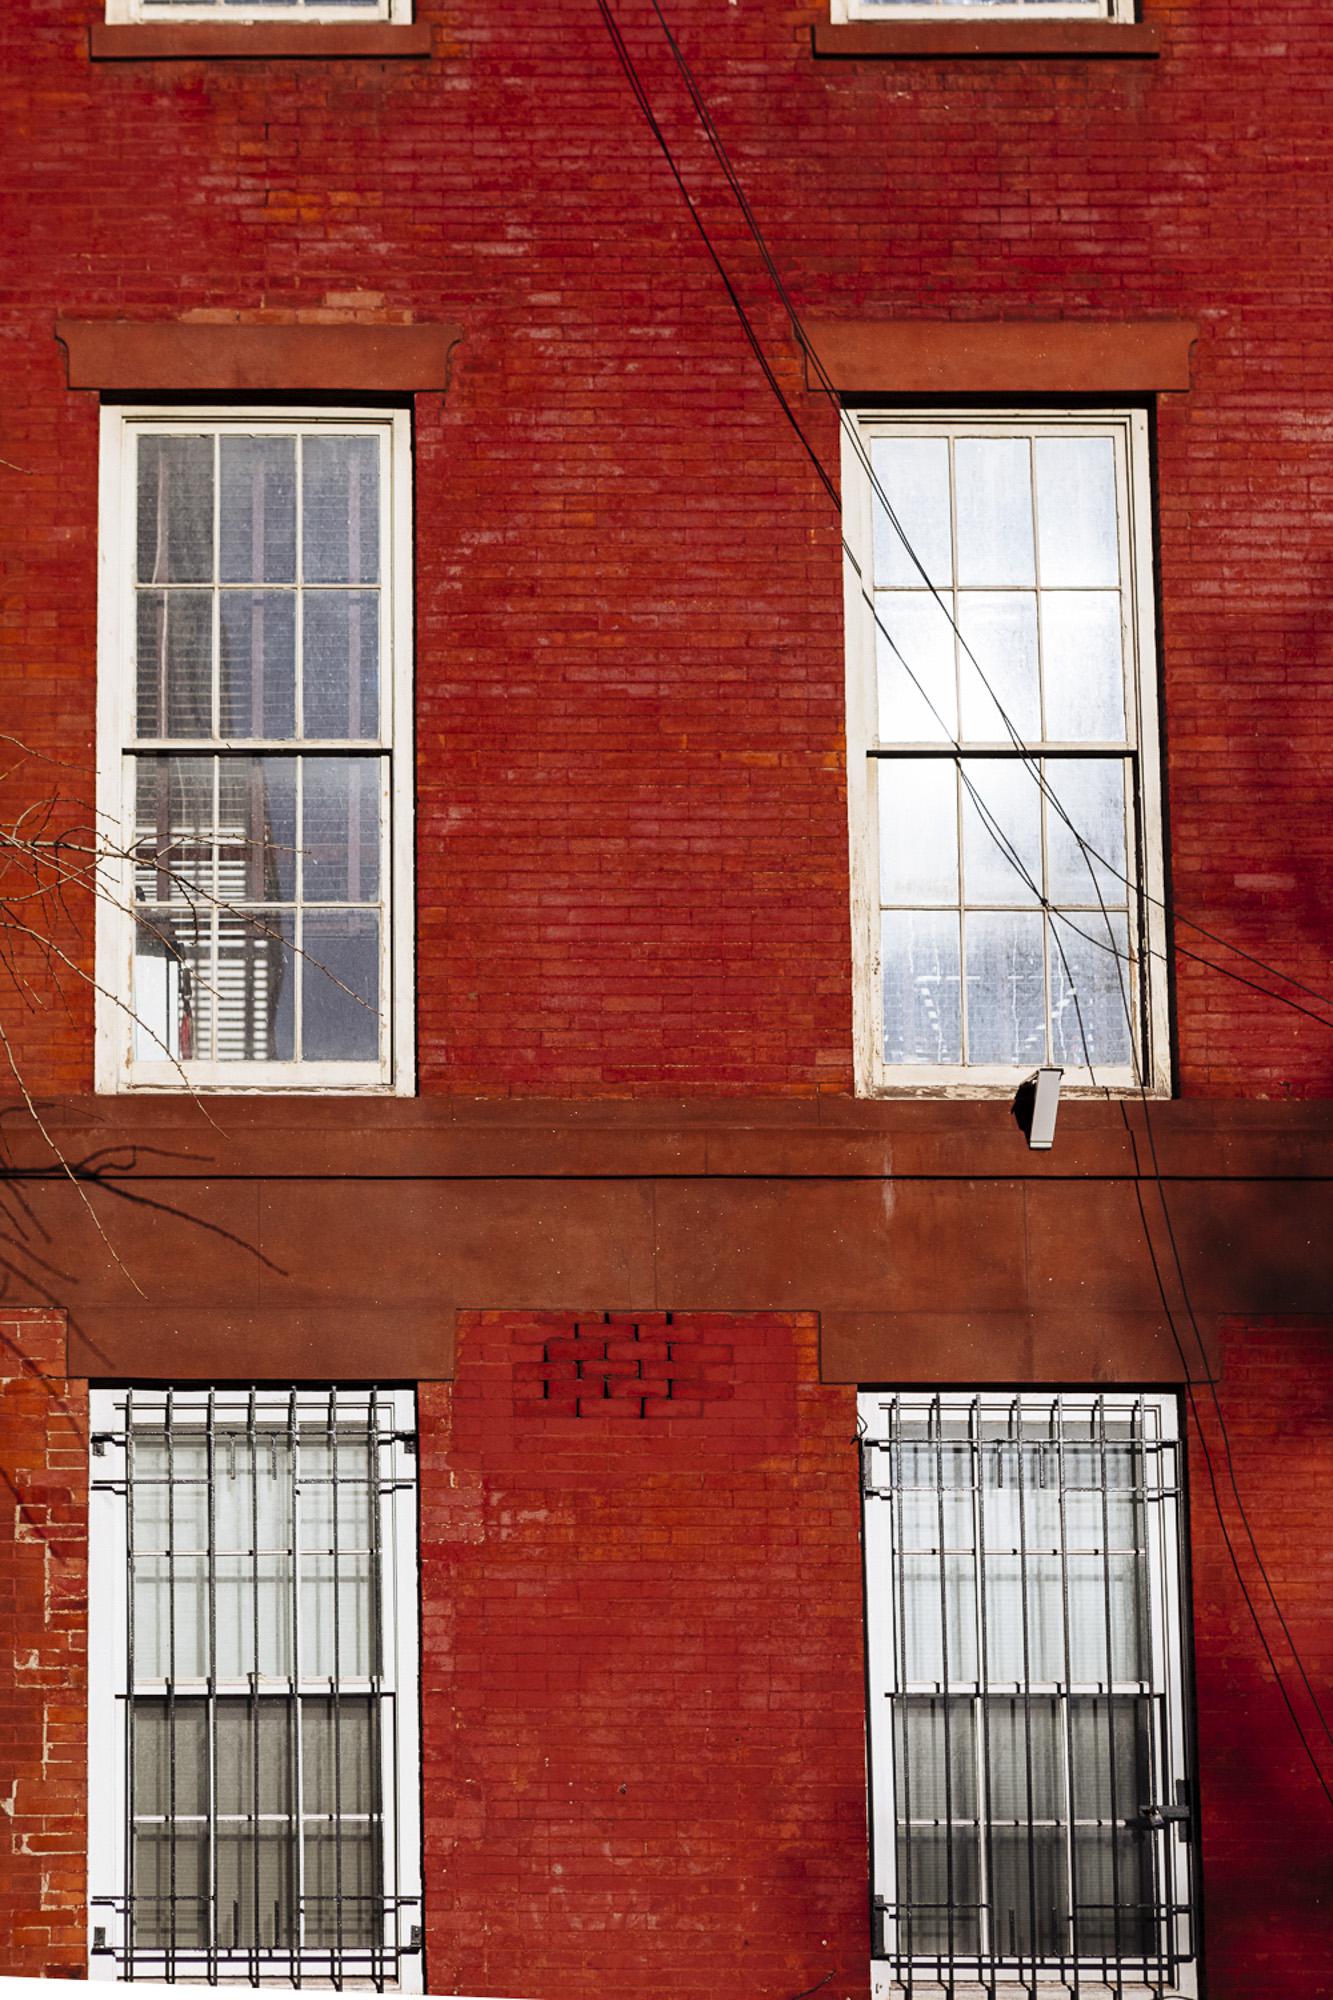 kyrani-kanavaros-new-york-photography-24.jpg